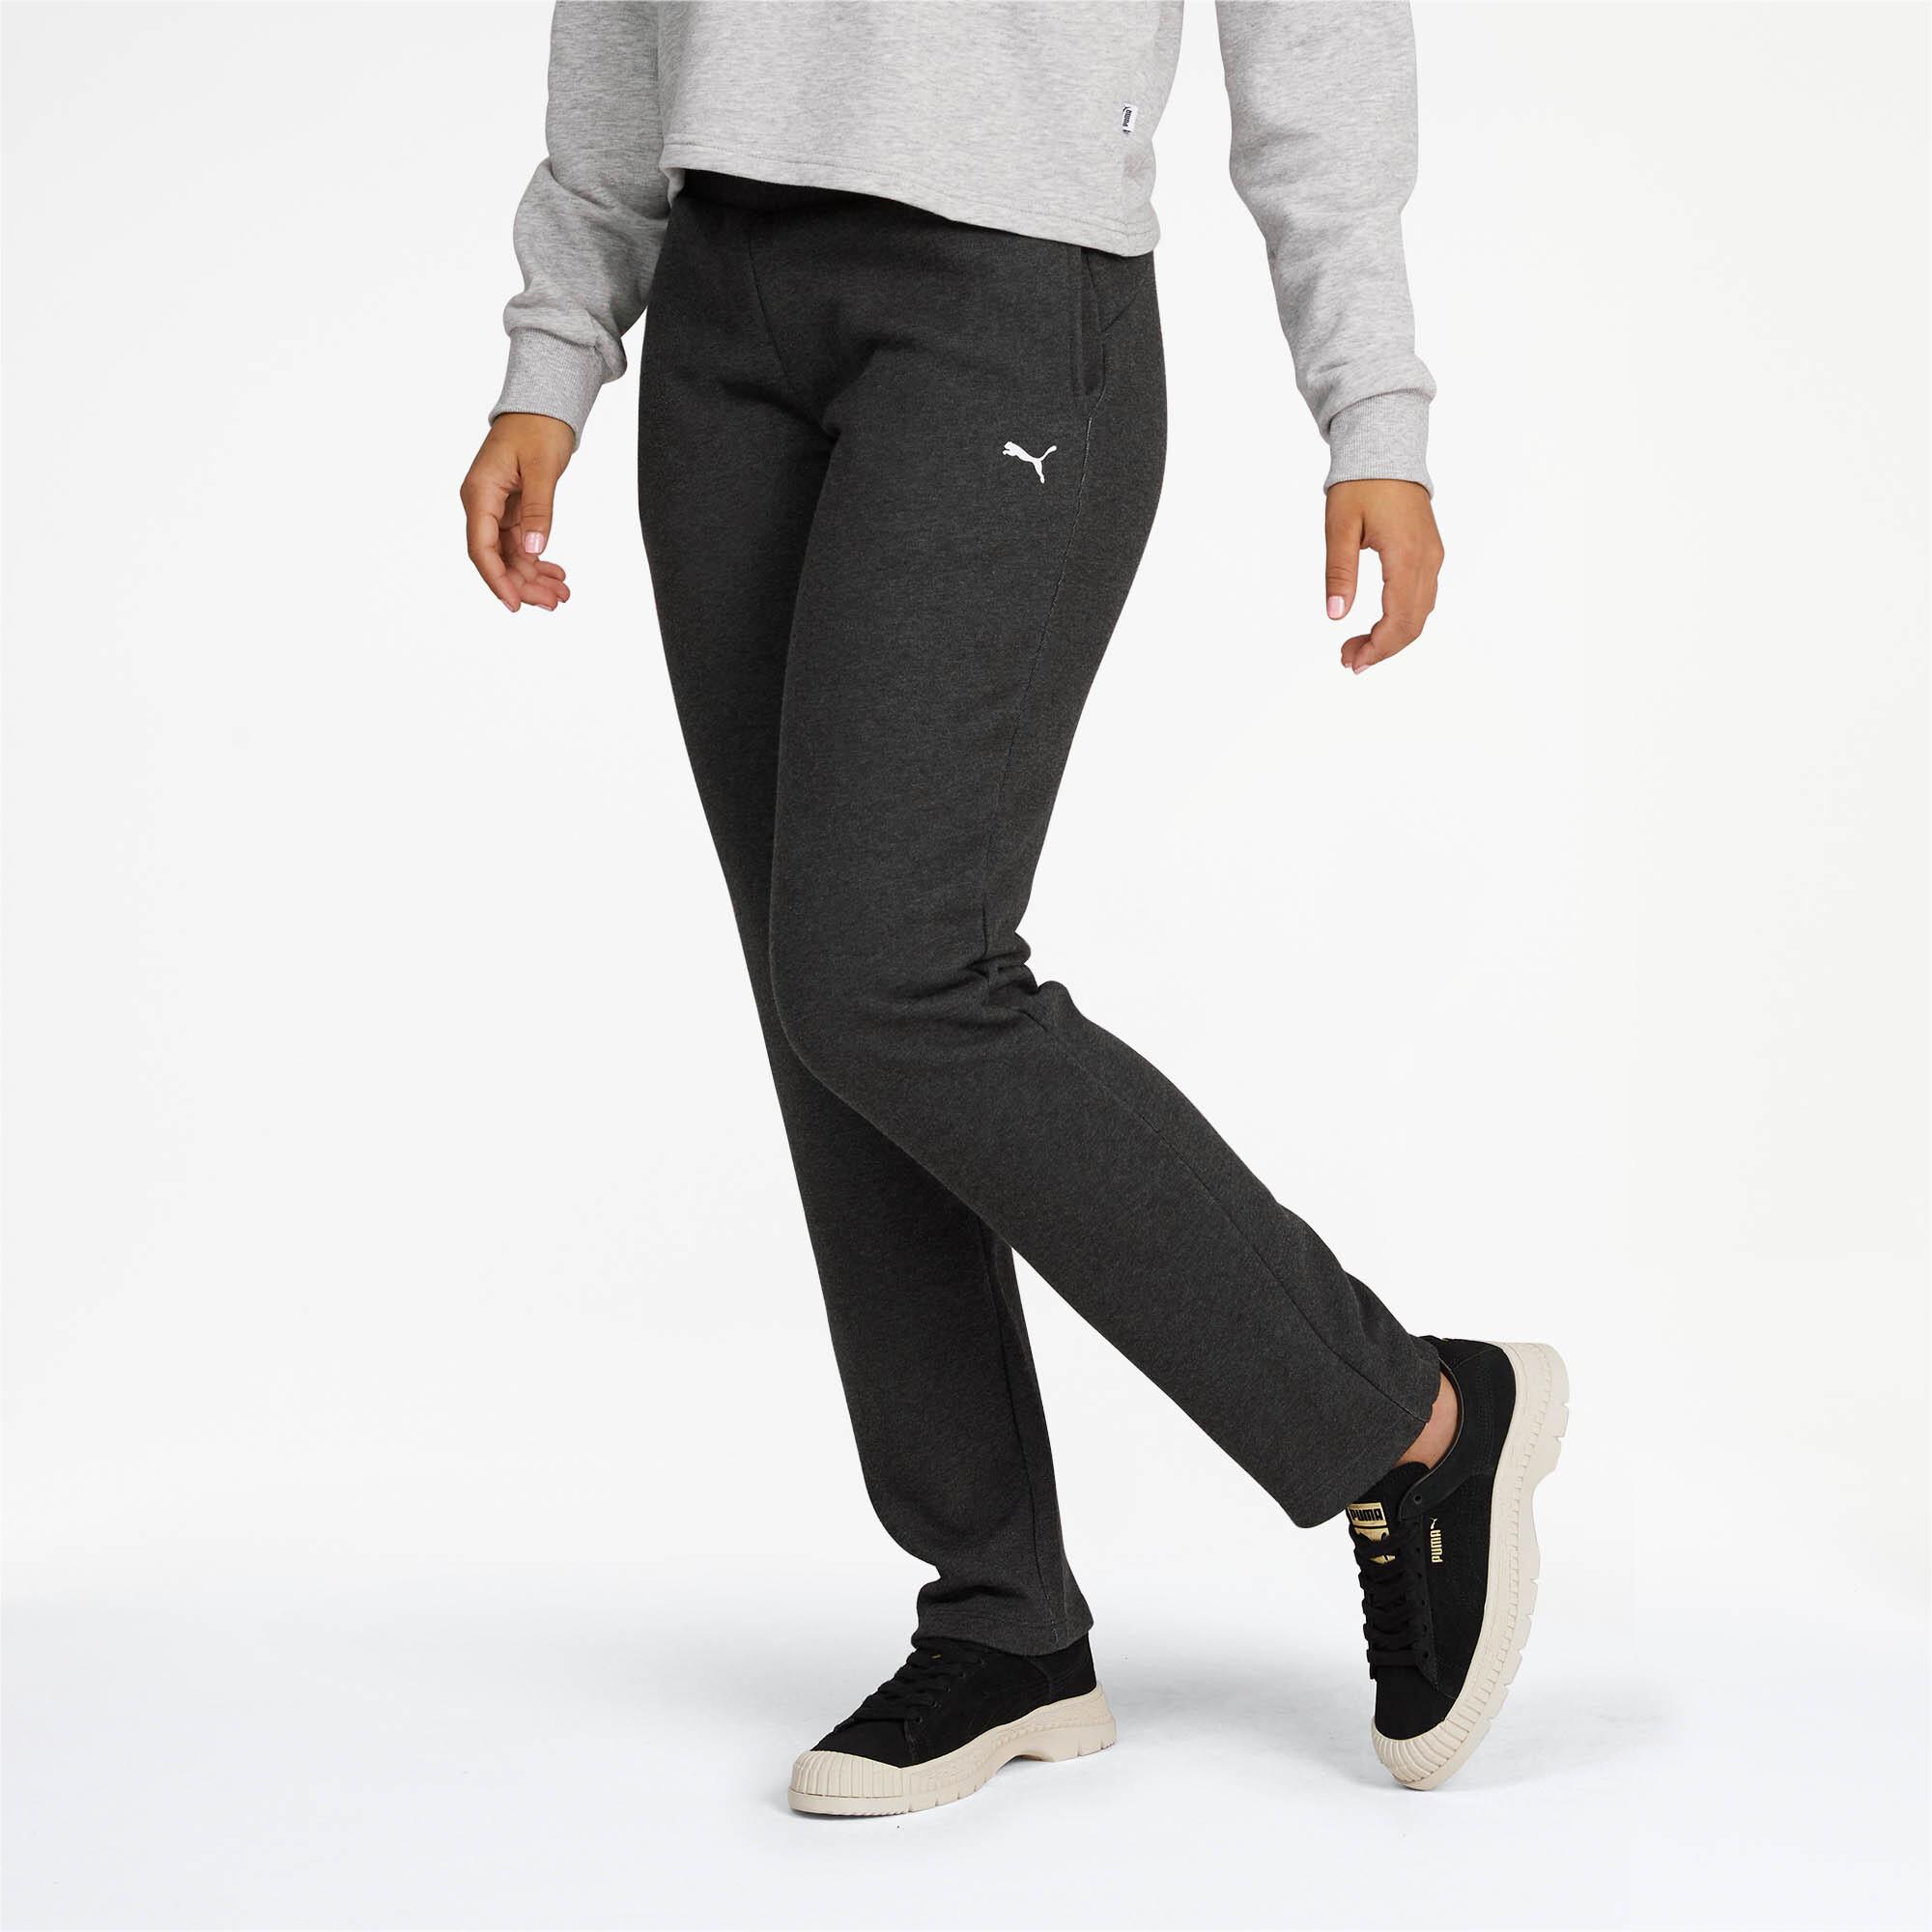 PUMA-Essentials-Fleece-Women-039-s-Knitted-Pants-Women-Knitted-Pants-Basics thumbnail 7